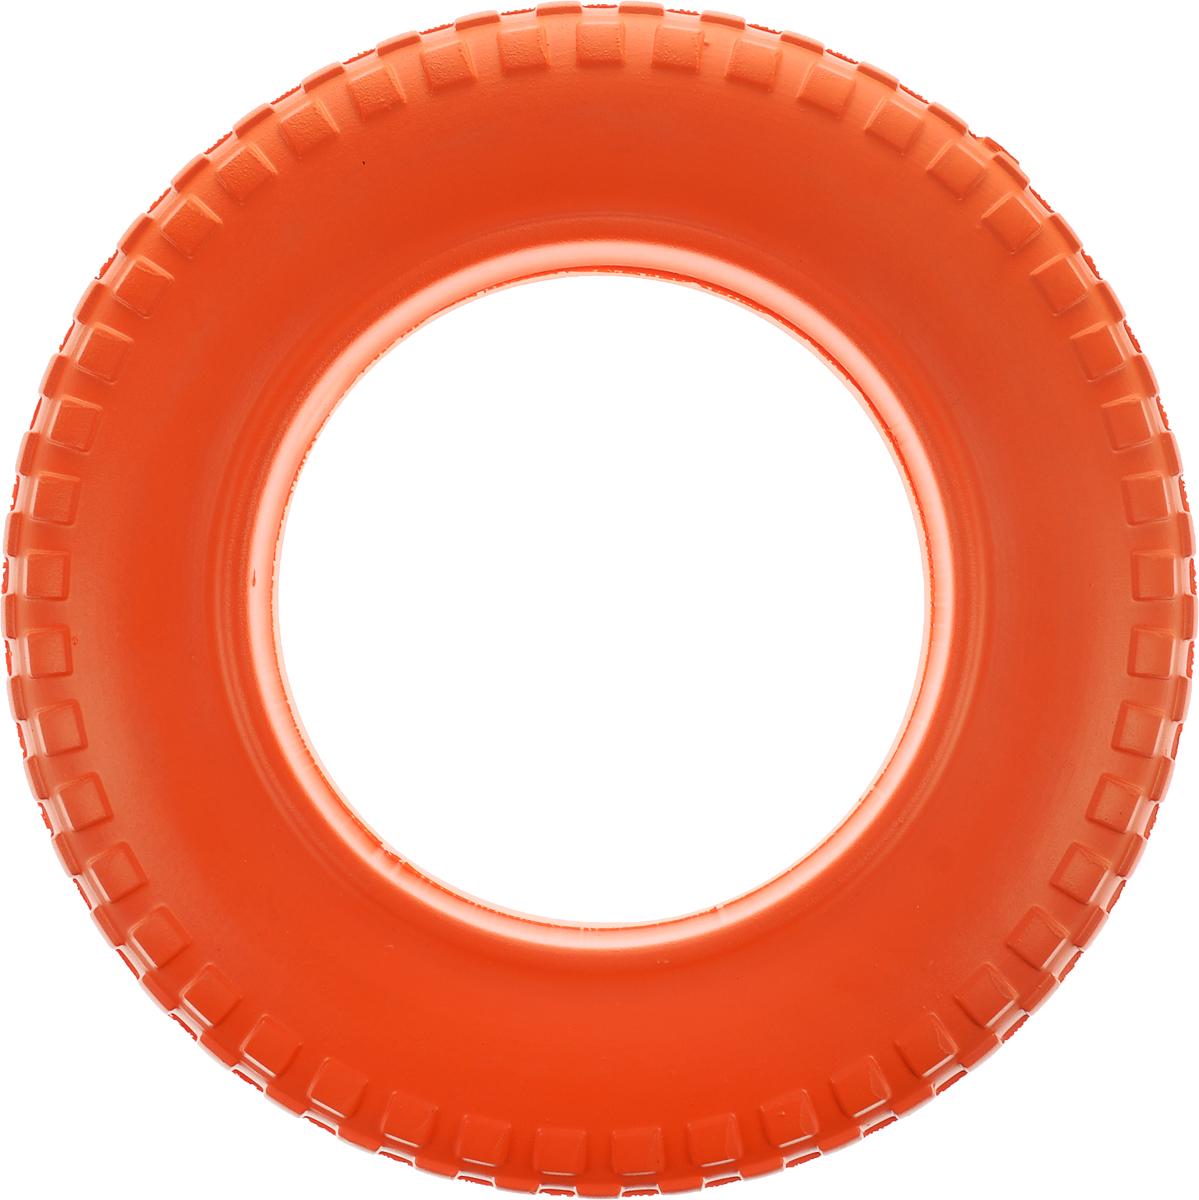 Игрушка для животных Doglike Шинка для колеса. Мега, диаметр 36 смDH 7516Doglike Шинка для колеса. Мега - простая и незамысловатая игрушка для собак, которая способна решить многие проблемы здоровья вашего четвероногого любимца. Если ваш пёс портит мебель, излишне агрессивен, непослушен или страдает излишним весом то, скорее всего, корень всех бед кроется в недостаточной физической и эмоциональной нагрузке. Порадуйте своего питомца прекрасным и качественным подарком.Диаметр игрушки: 36 см.